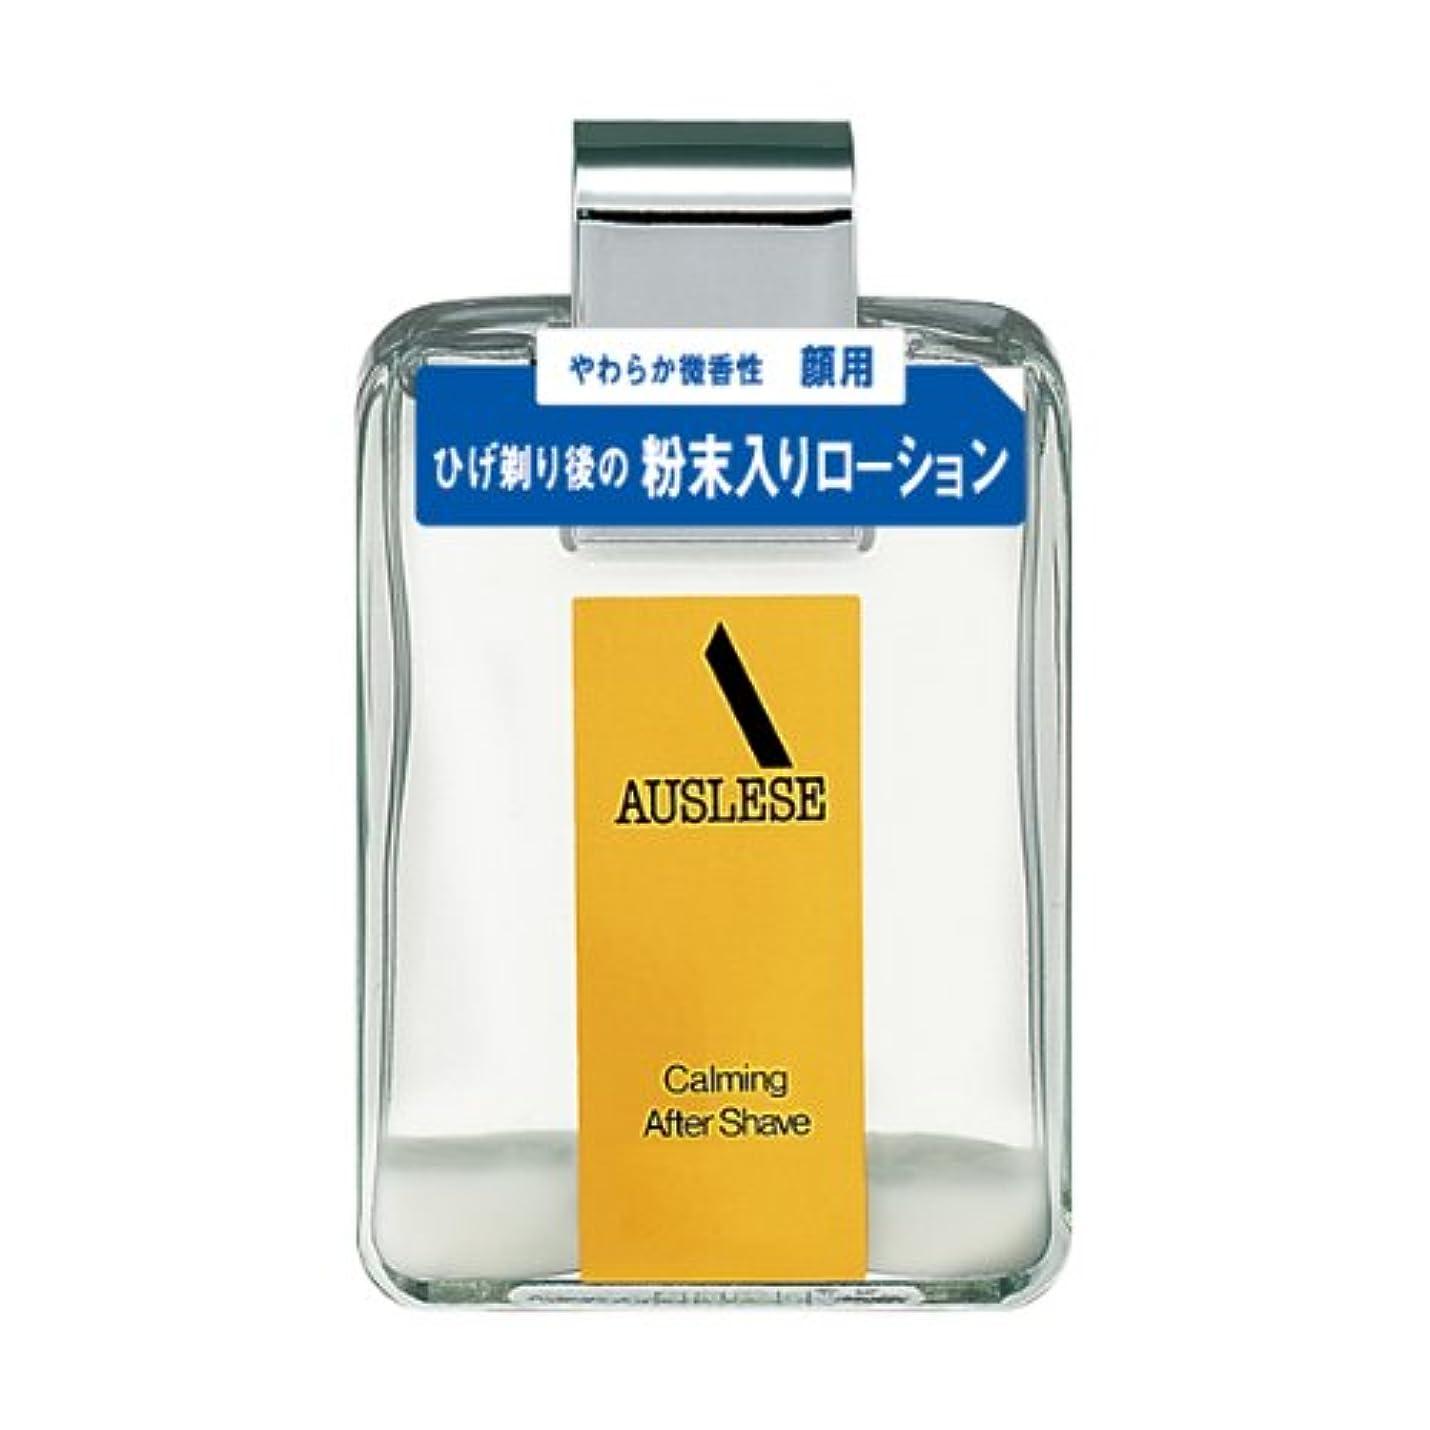 服メイド軽減アウスレーゼ カーミングアフターシェーブN 100mL 【医薬部外品】